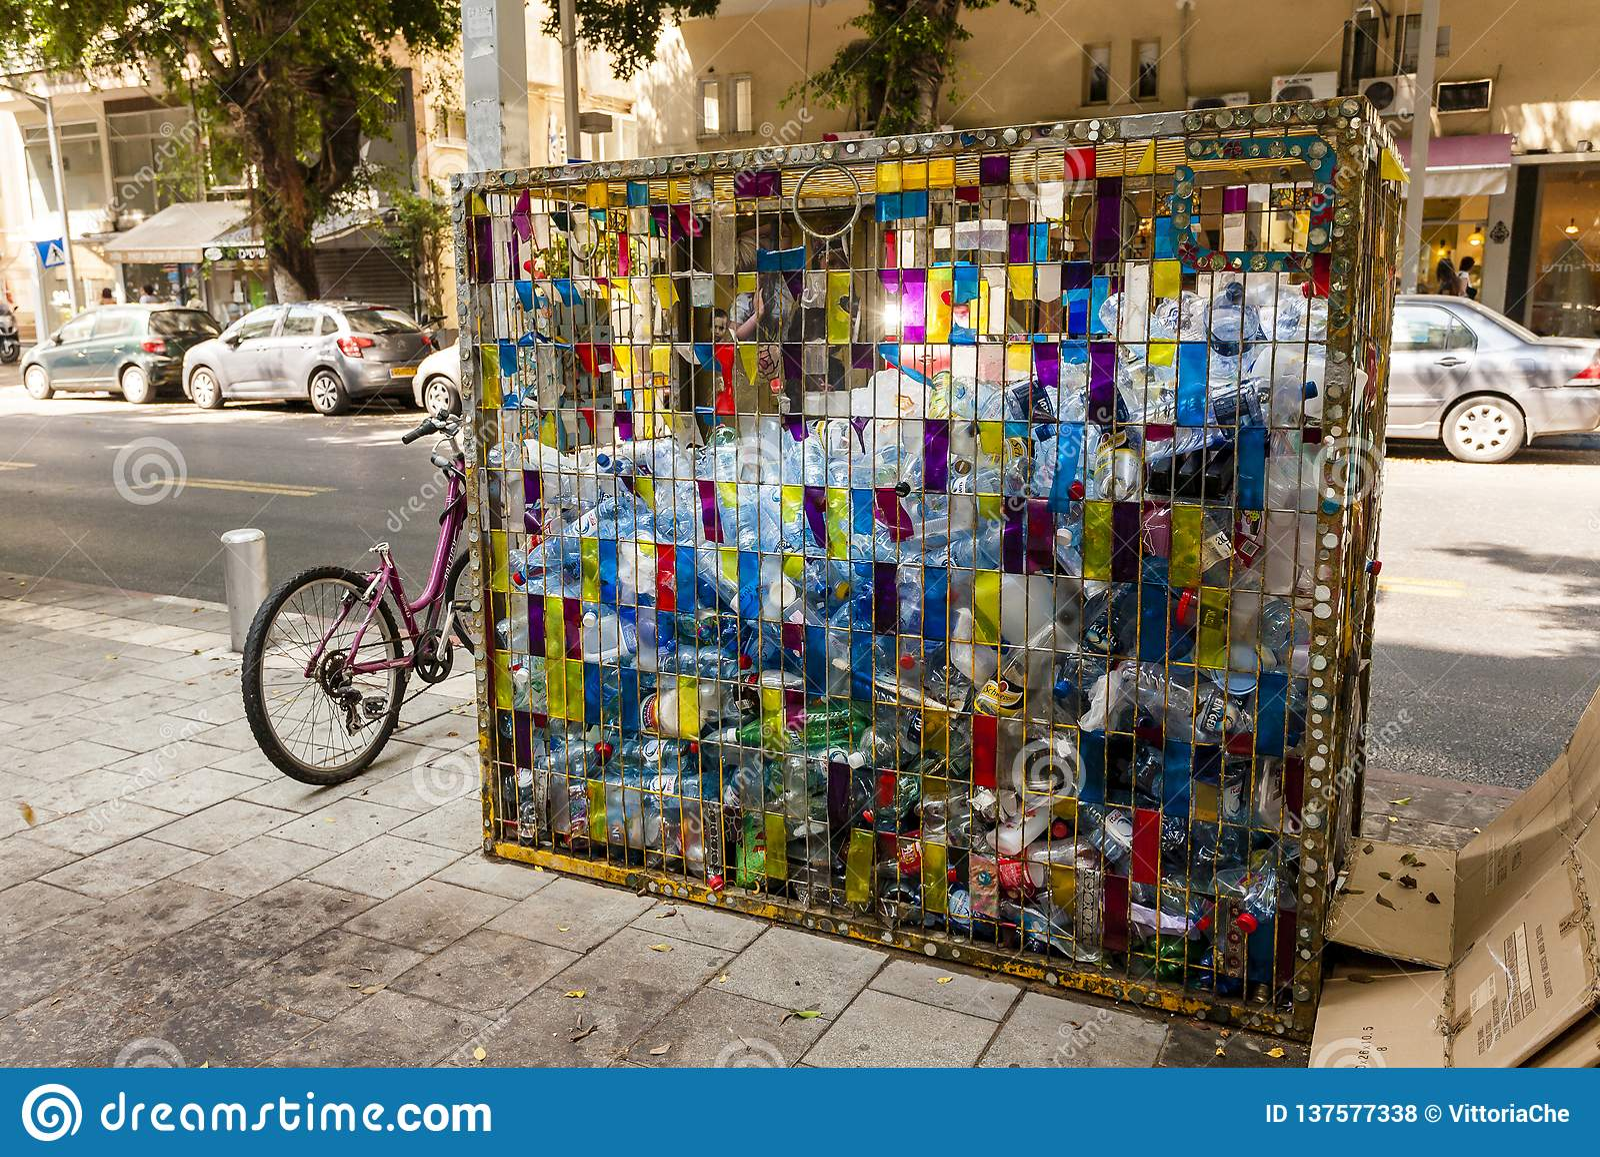 Ισραήλ, Τελ Αβίβ - 9 Σεπτεμβρίου 2011: Το δοχείο απορριμάτων για την πλαστική ανακύκλωση μπουκαλιών είναι στην οδό Dizengoff